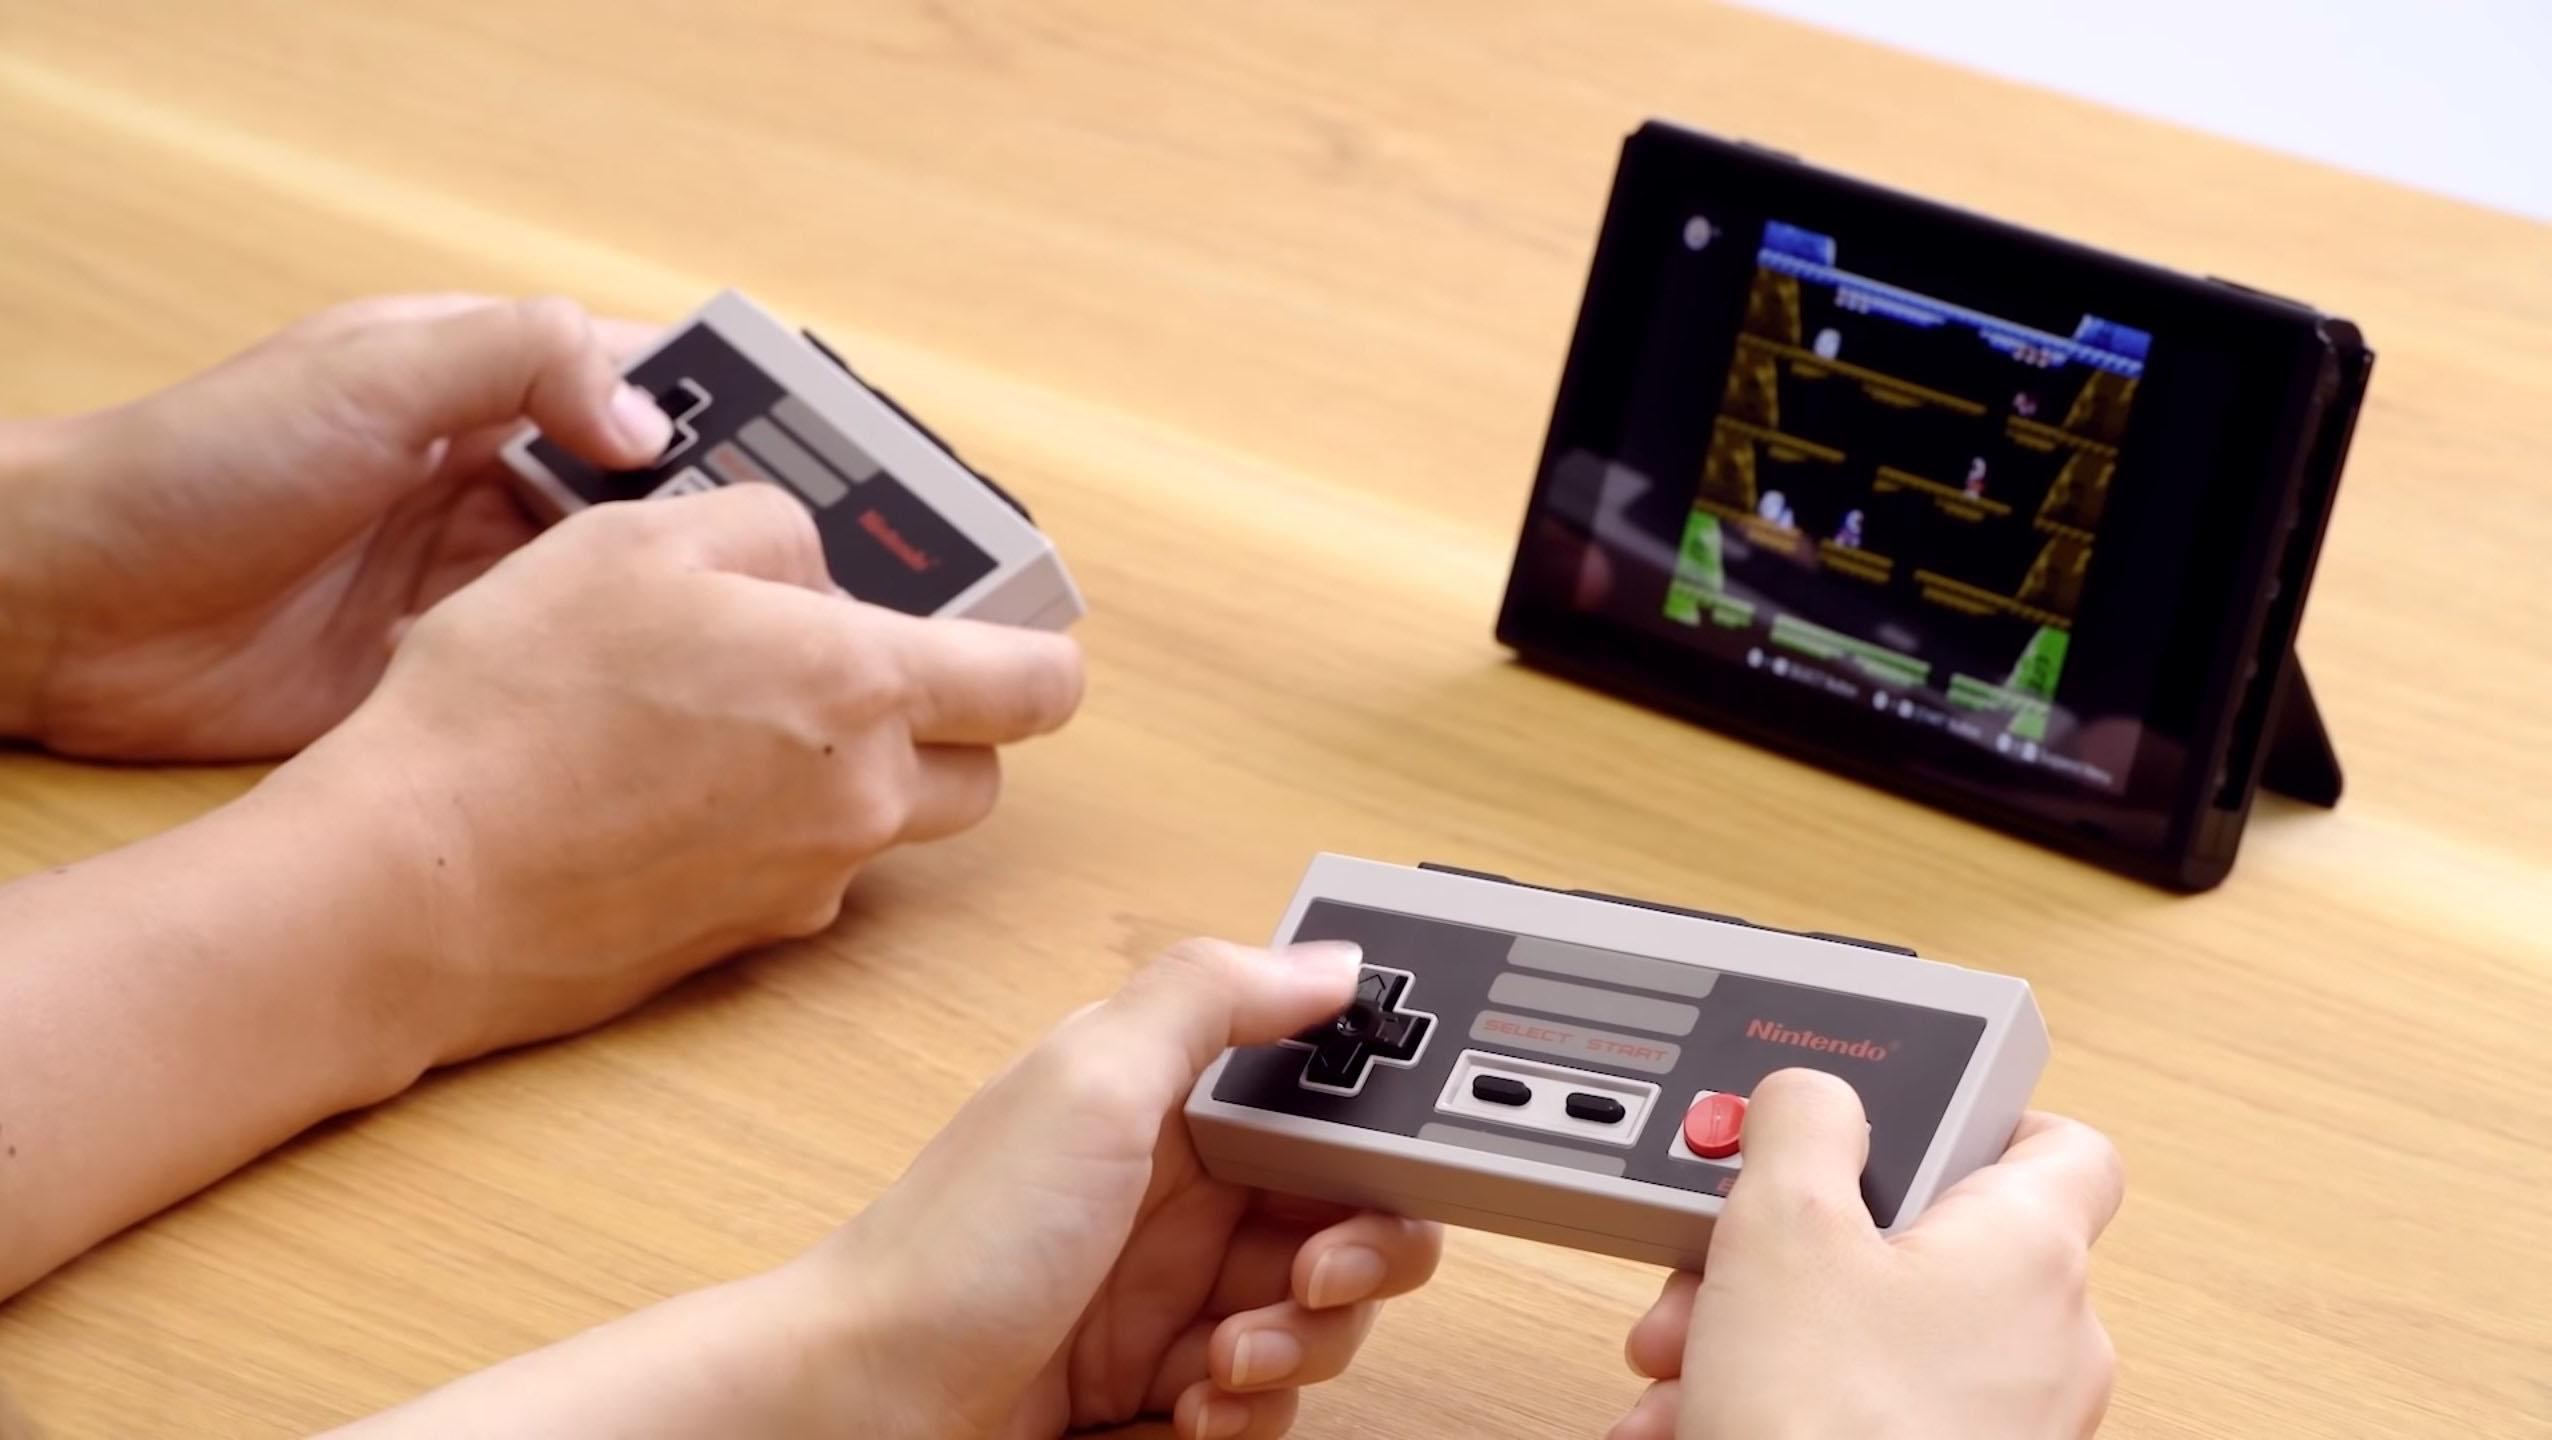 Entre le nouveau personnage de Smash Bros. et les multiples versions  remastered de vieux jeux, le constructeur japonais a annoncé des accessoires  qui